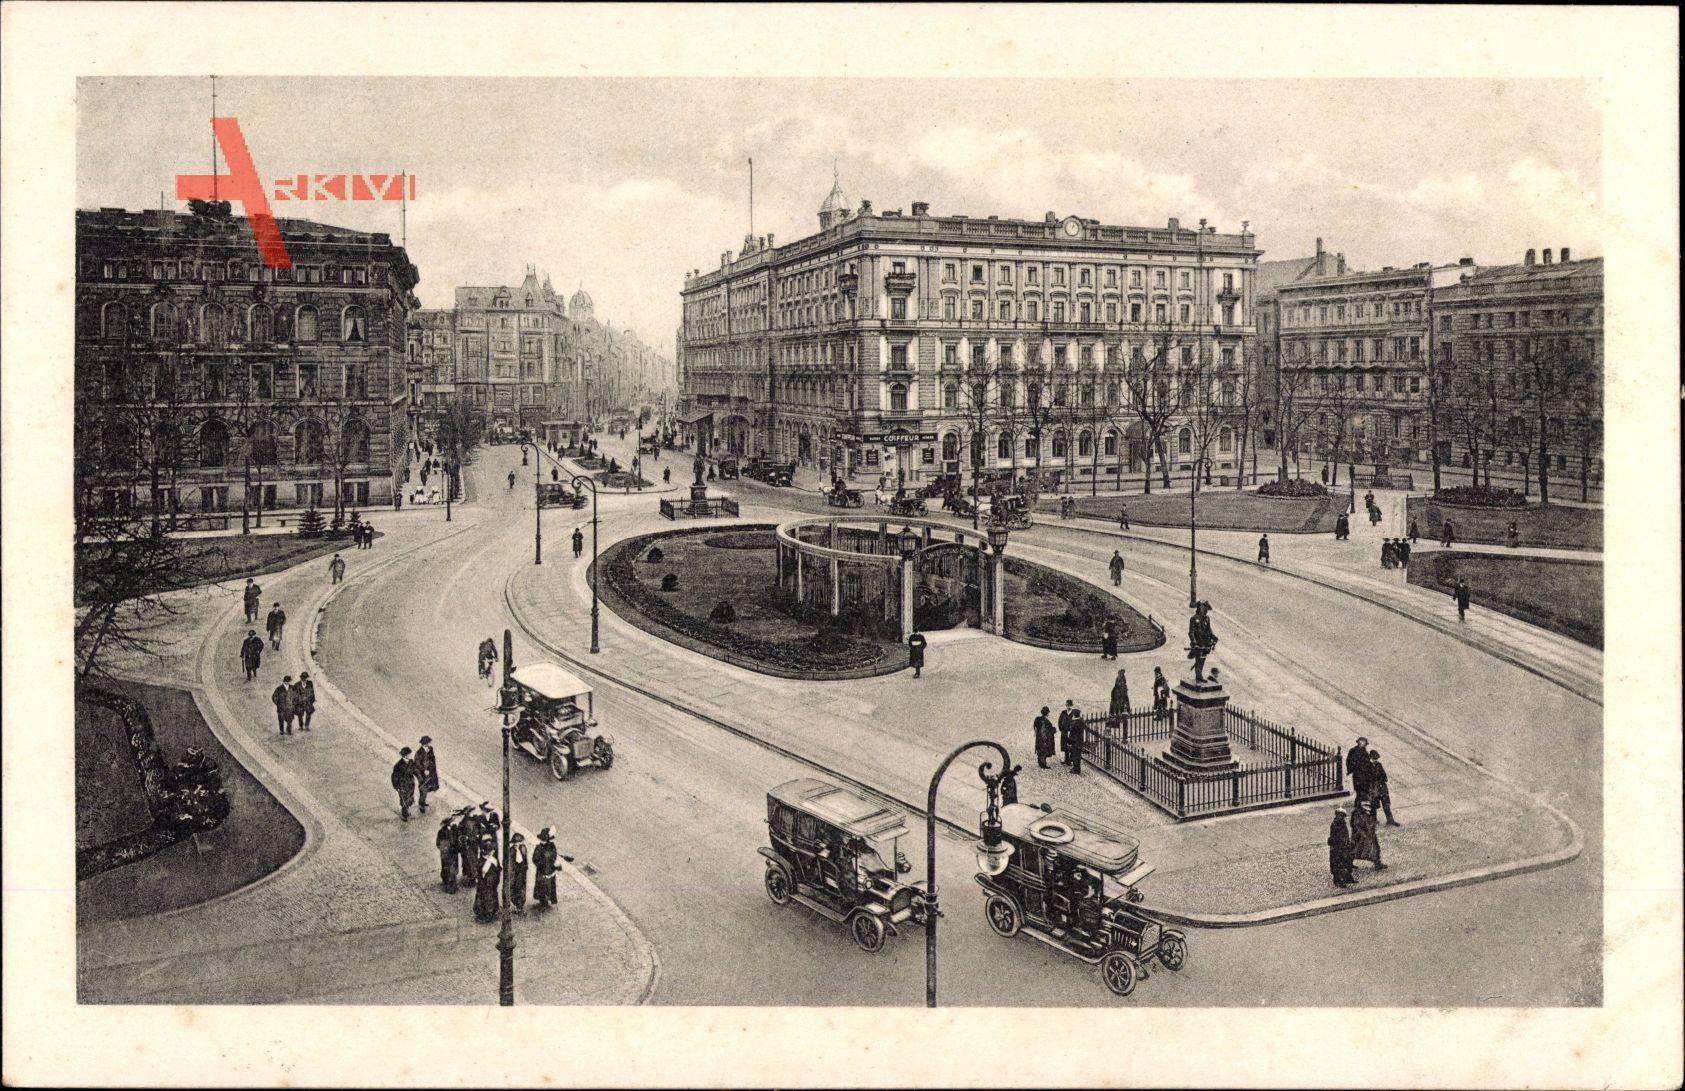 Berlin, Das Straßenleben am Wilhelmplatz, U Bahn Station